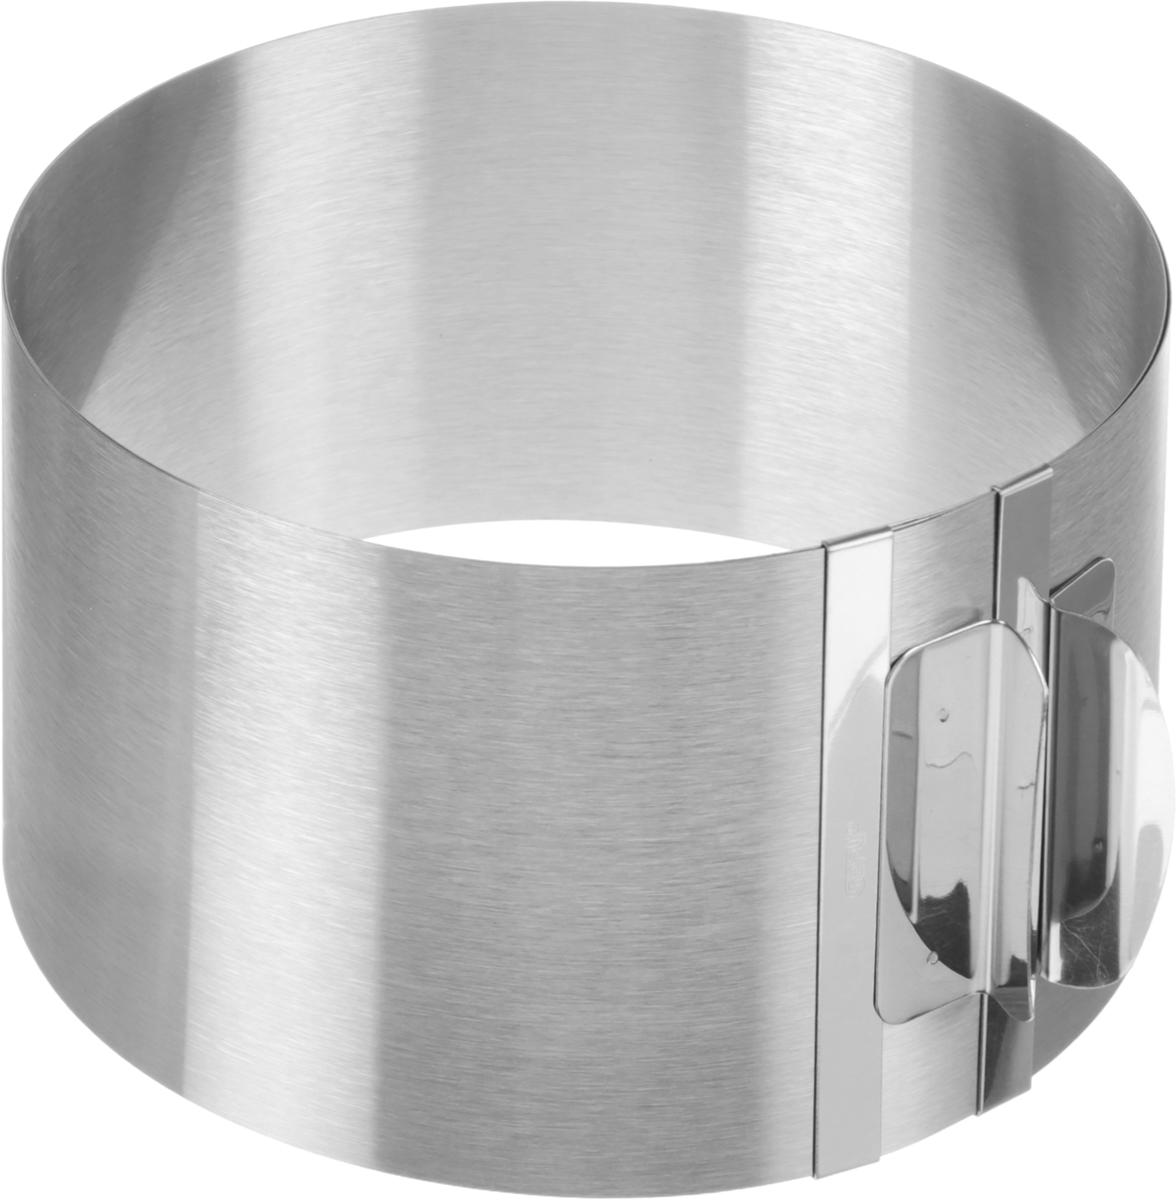 Кольцо для выпечки Tondo XXLWLT-2105-0088Кольцо для выпечки Gefu Tondo XXL изготовлено из нержавеющей стали. Конструкция кольца такова, что позволяет регулировать диаметр от 16,5 см до 32 см. Для облегчения процесса чистки полностью выпрямляется. Можно мыть в посудомоечной машине. Характеристики: Материал: сталь. Диаметр: 16,5 см - 32 см. Высота: 10 см. Размер упаковки: 17,8 см х 16,8 см х 10,5 см. Производитель: Германия. Артикул: 14304.